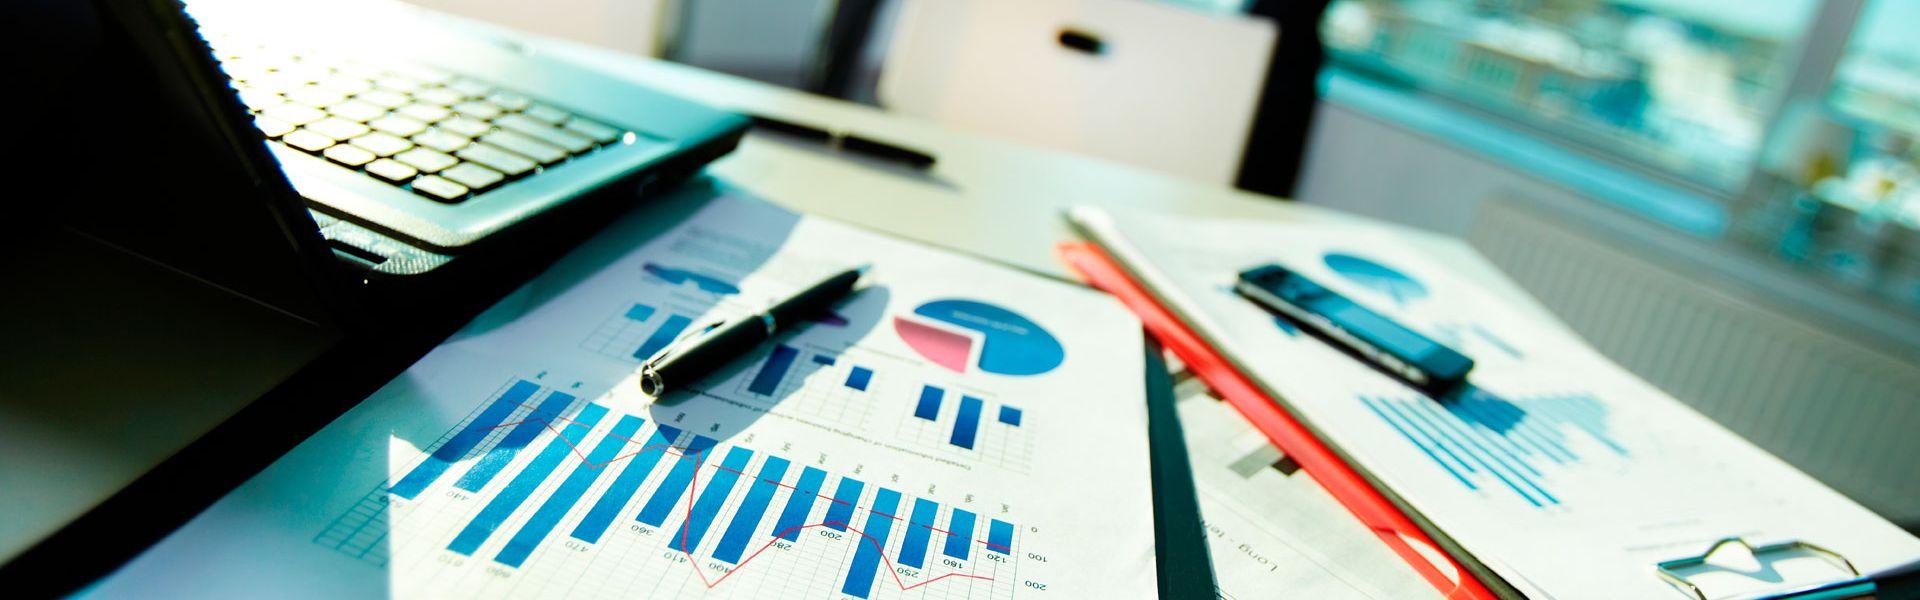 Технология бухгалтерского обслуживания образцы документов для регистрации ип скачать